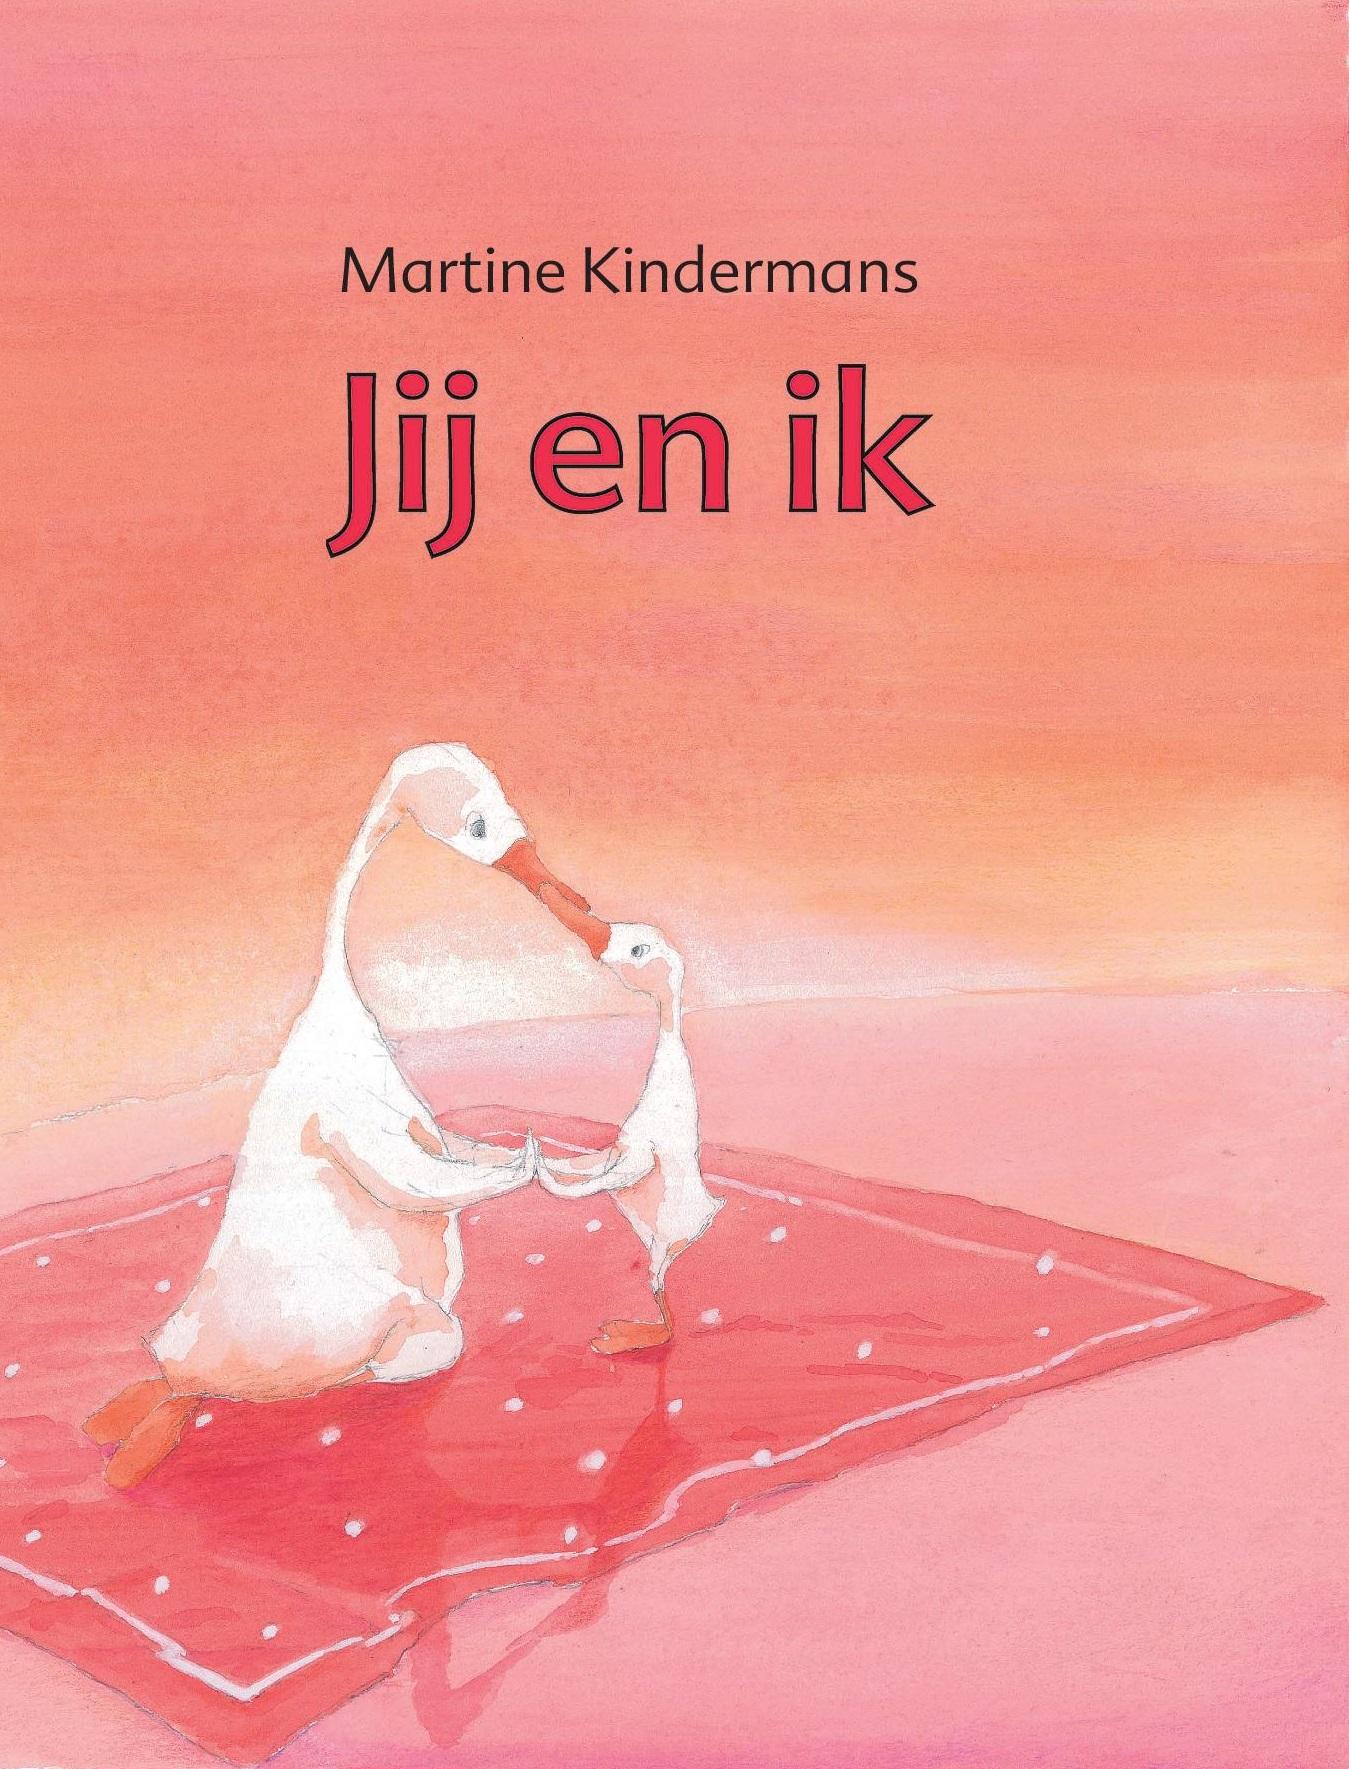 prentenboeken met buitenlandse kinderen